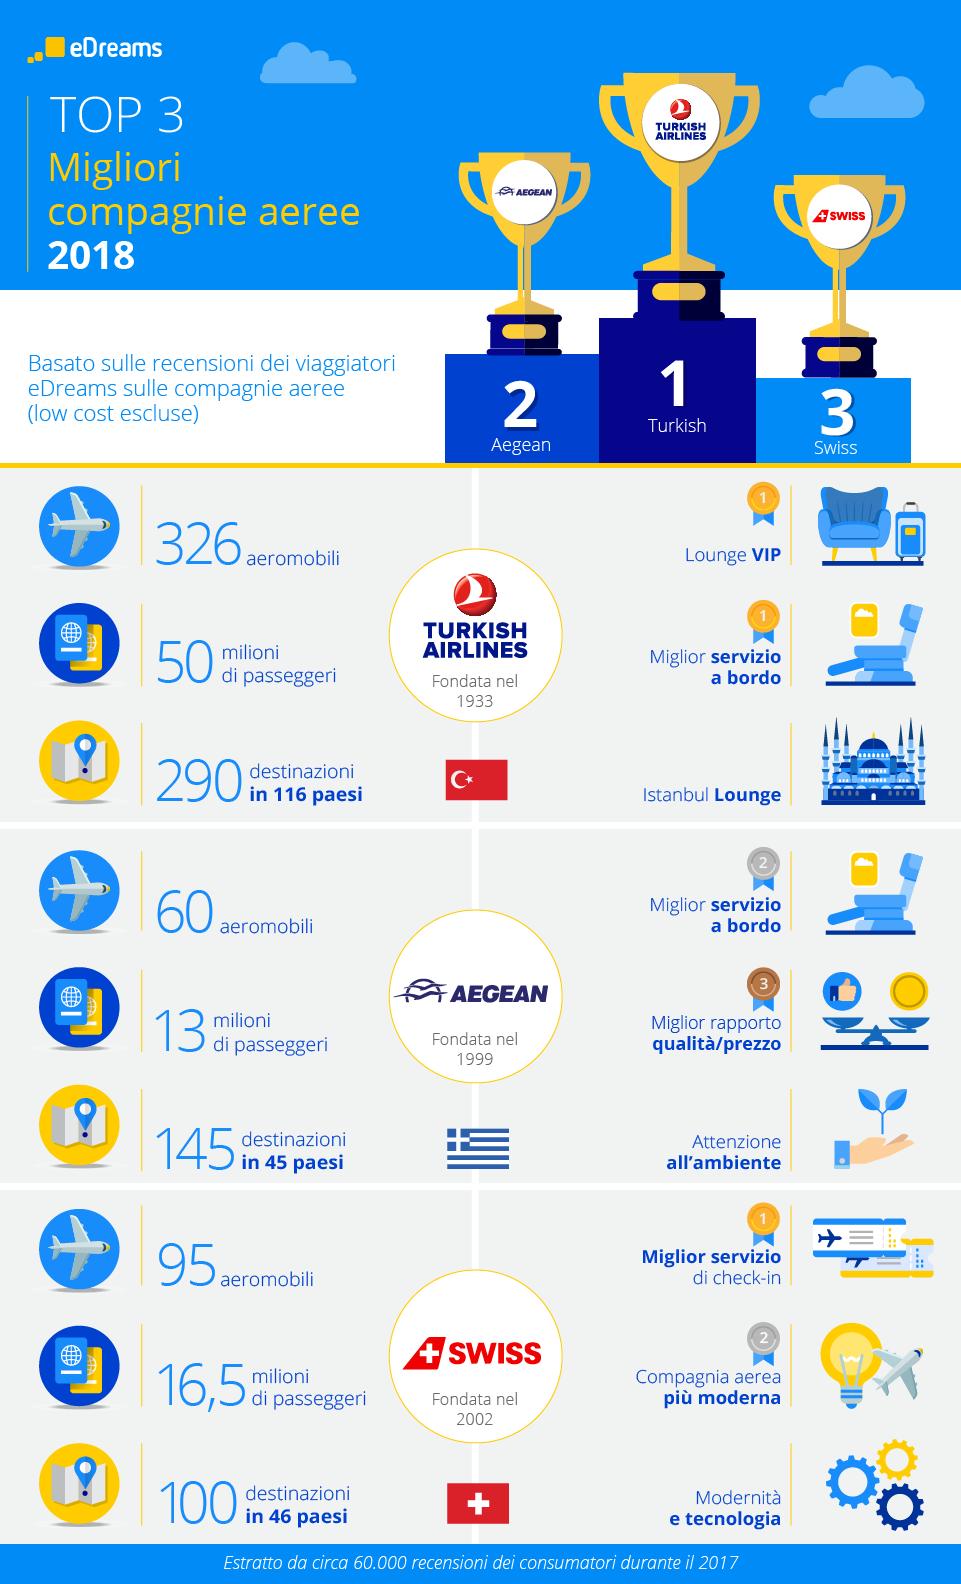 Per i viaggiatori Turkish Airlines è la regina dei cieli: ecco la classifica delle migliori compagnie